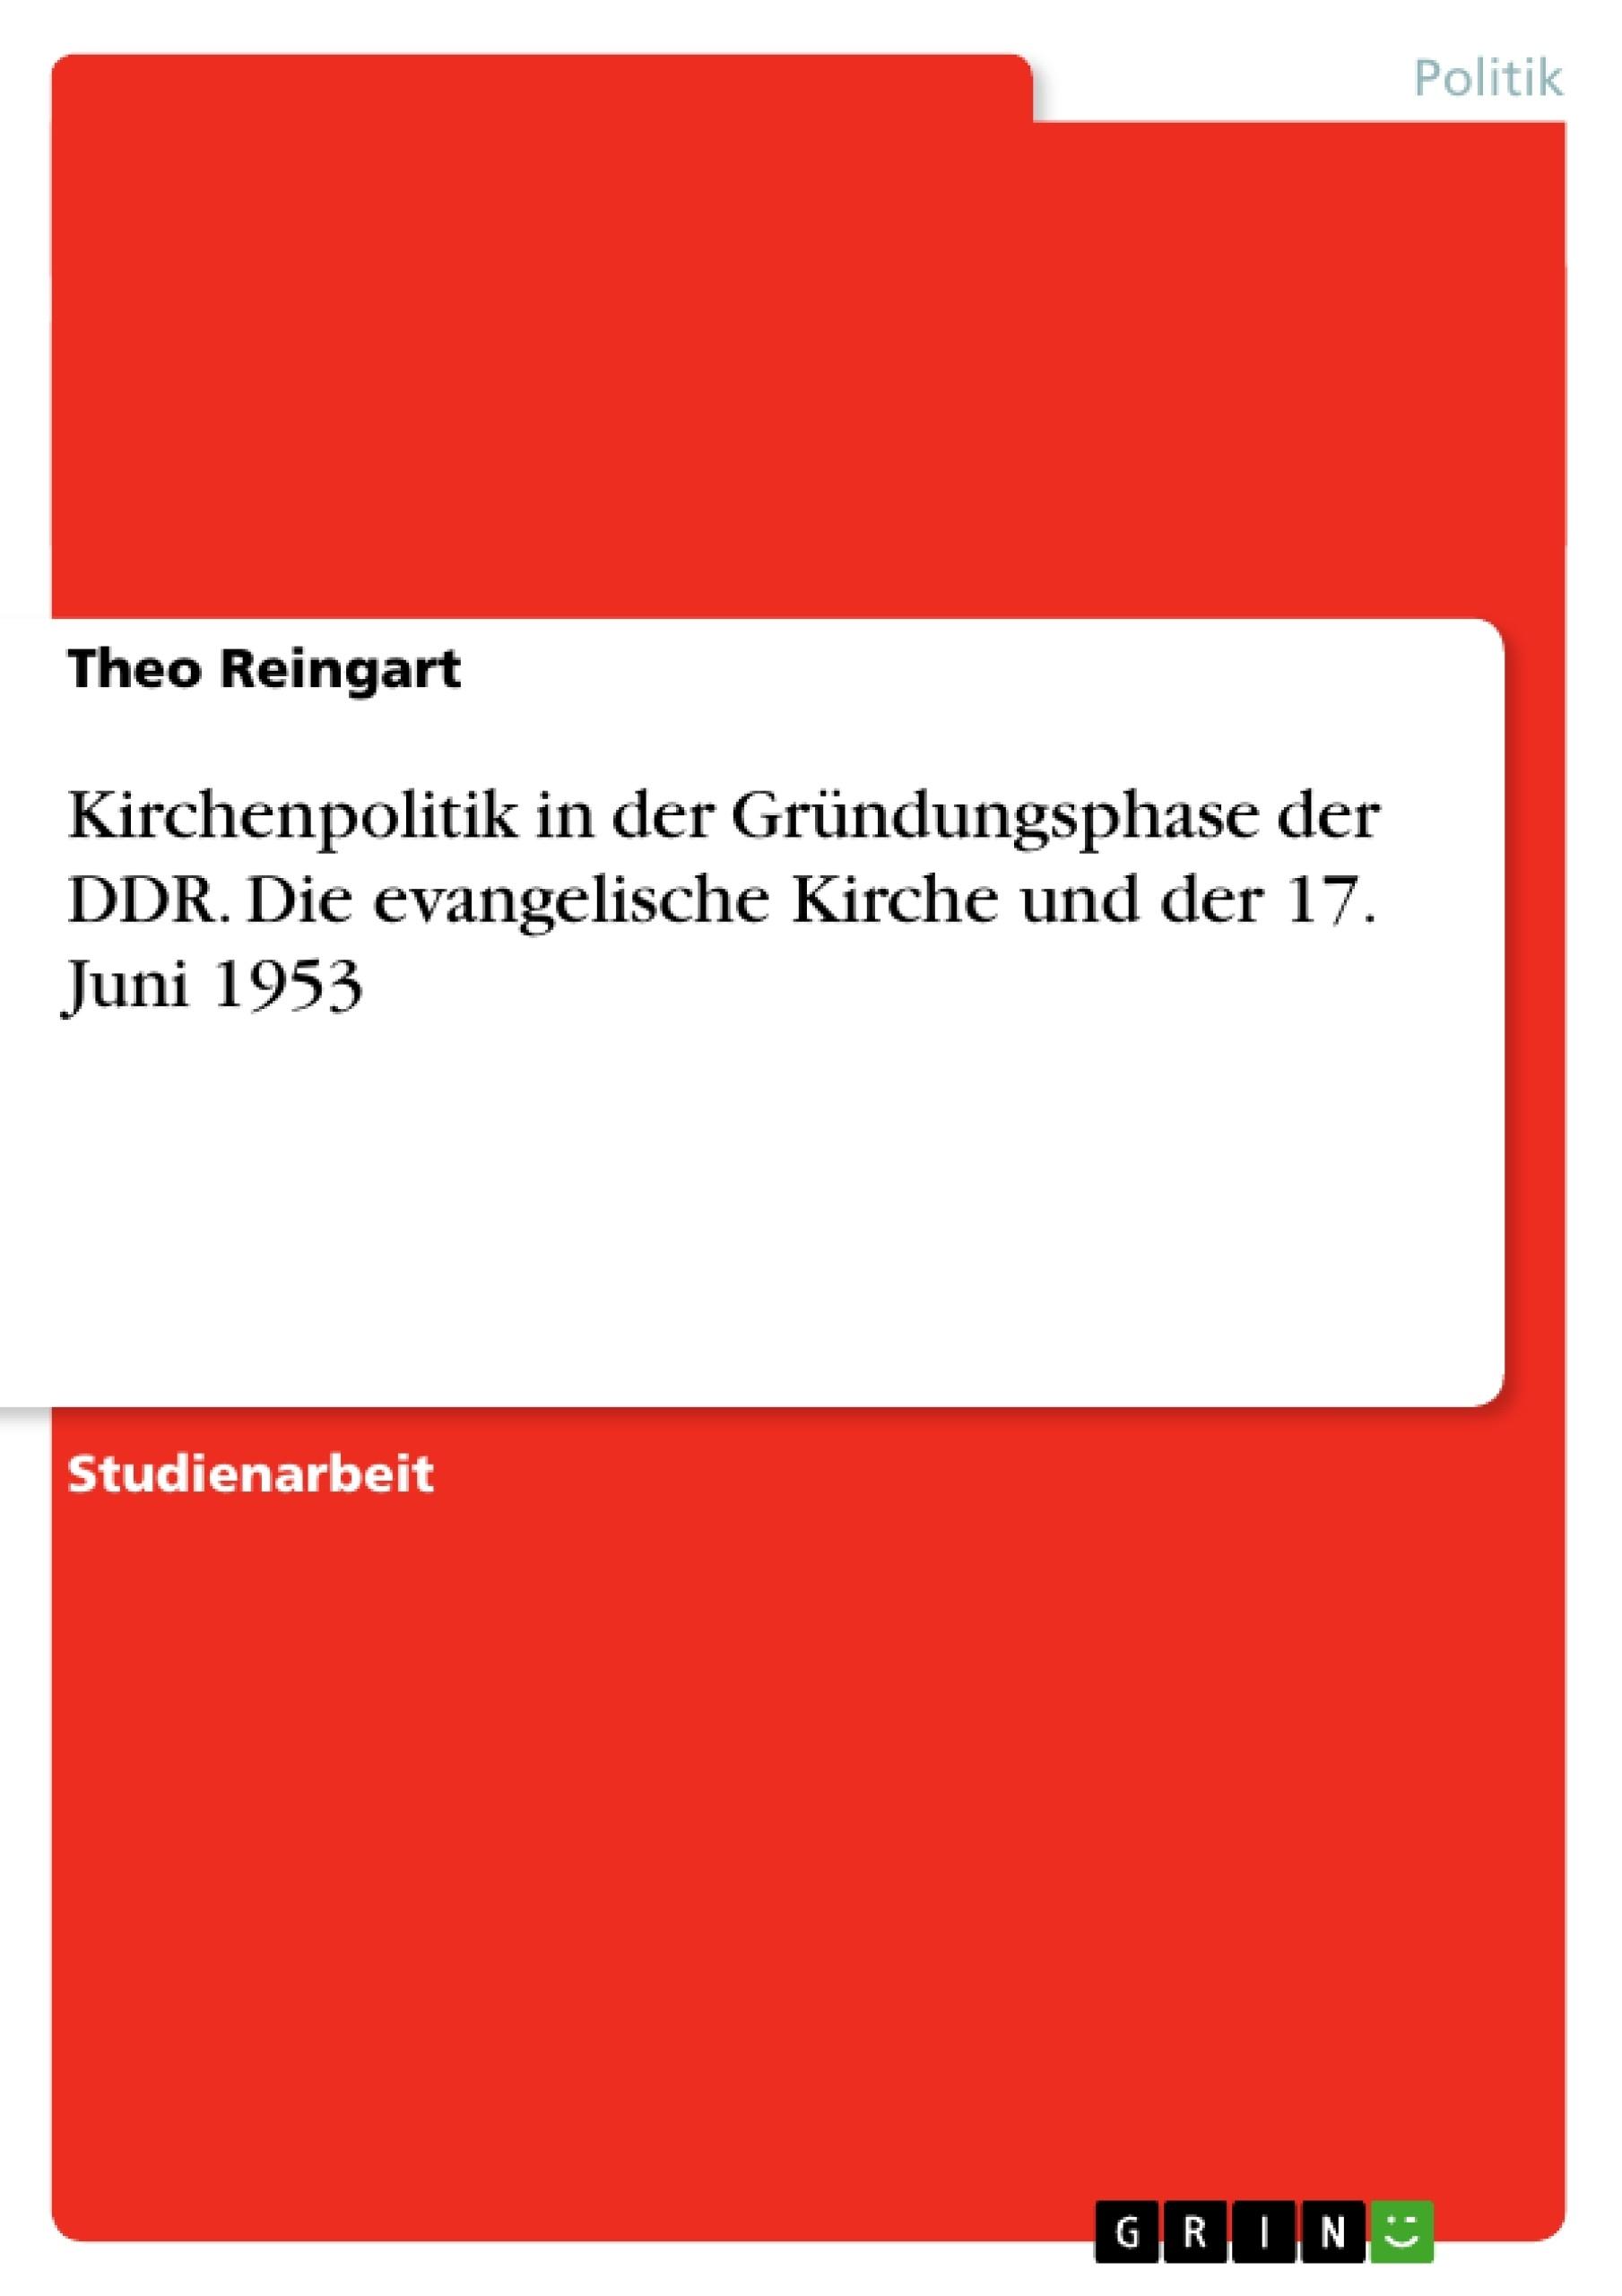 Titel: Kirchenpolitik in der Gründungsphase der DDR. Die evangelische Kirche und der 17. Juni 1953